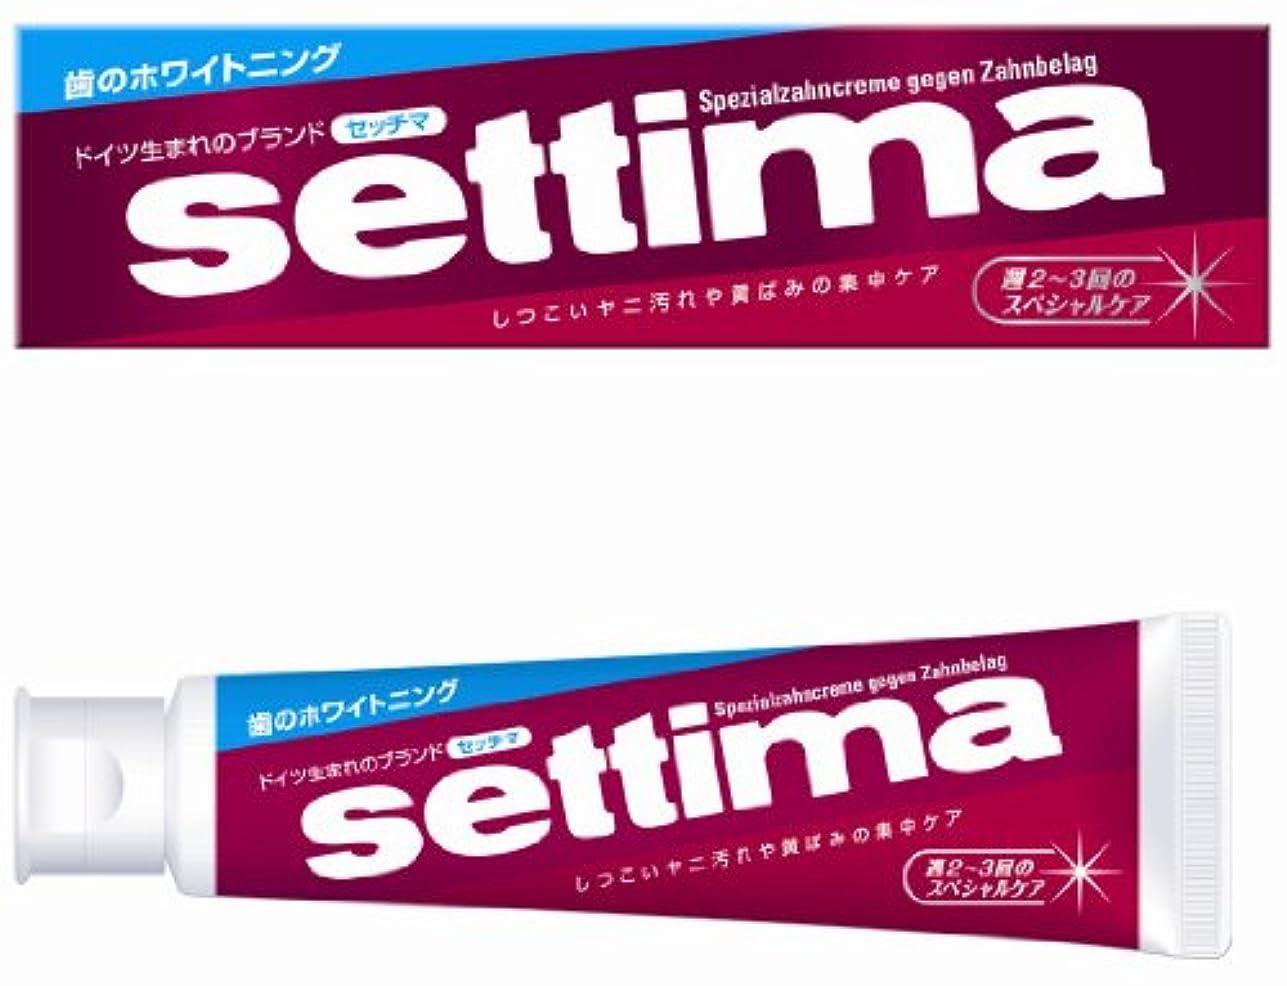 評価怒り関係settima(セッチマ) はみがき スペシャル (箱タイプ) 120g